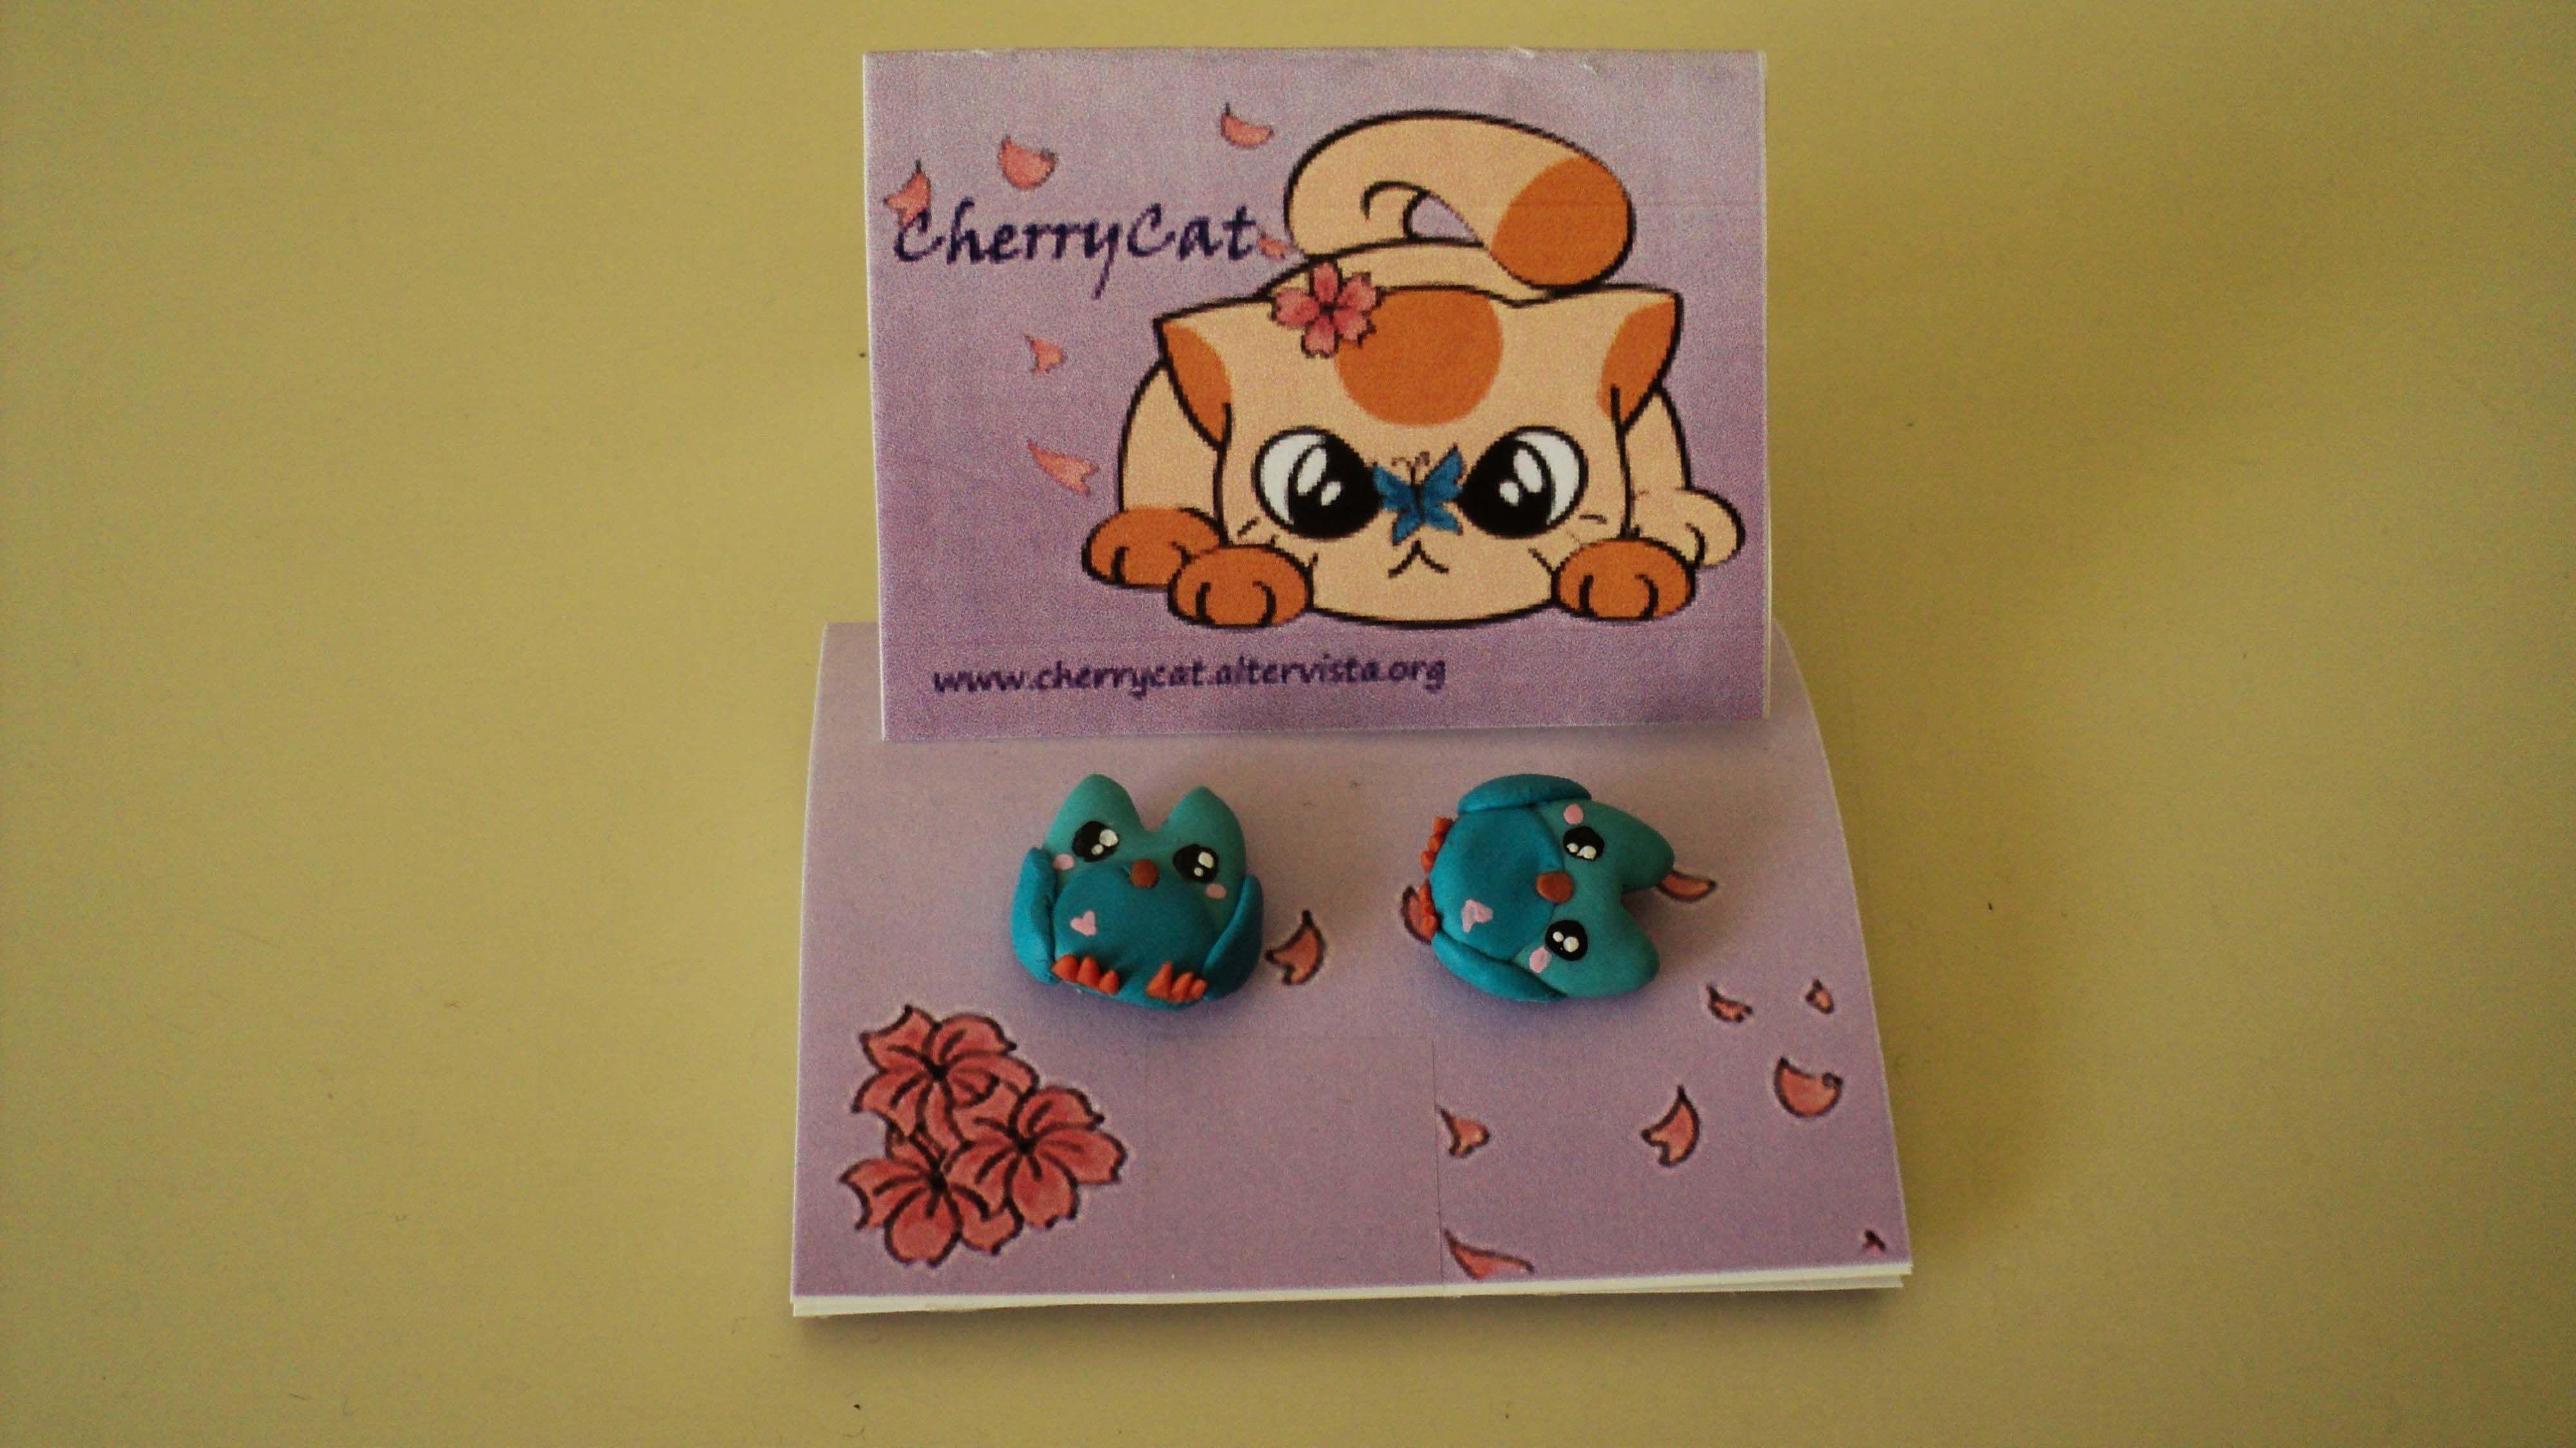 Orecchini a lobo con gufetti fatti a mano. Handmade earlobe earrings with little owls.